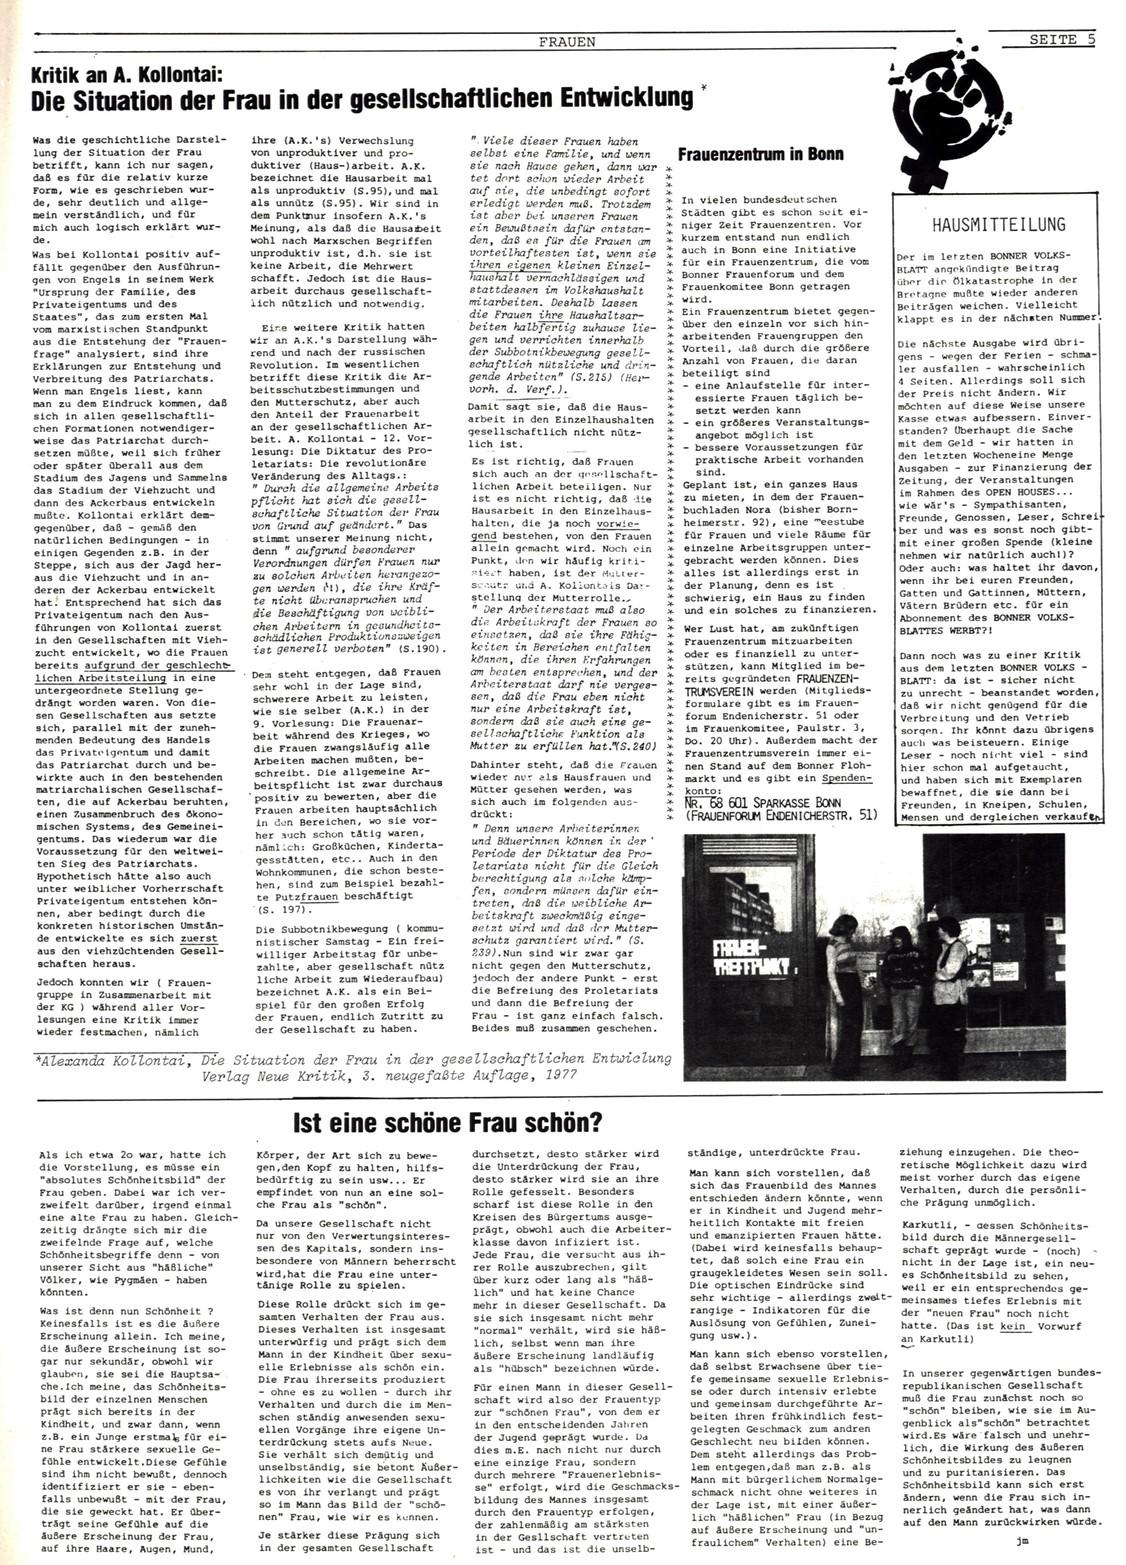 Bonner_Volksblatt_14_19780628_05